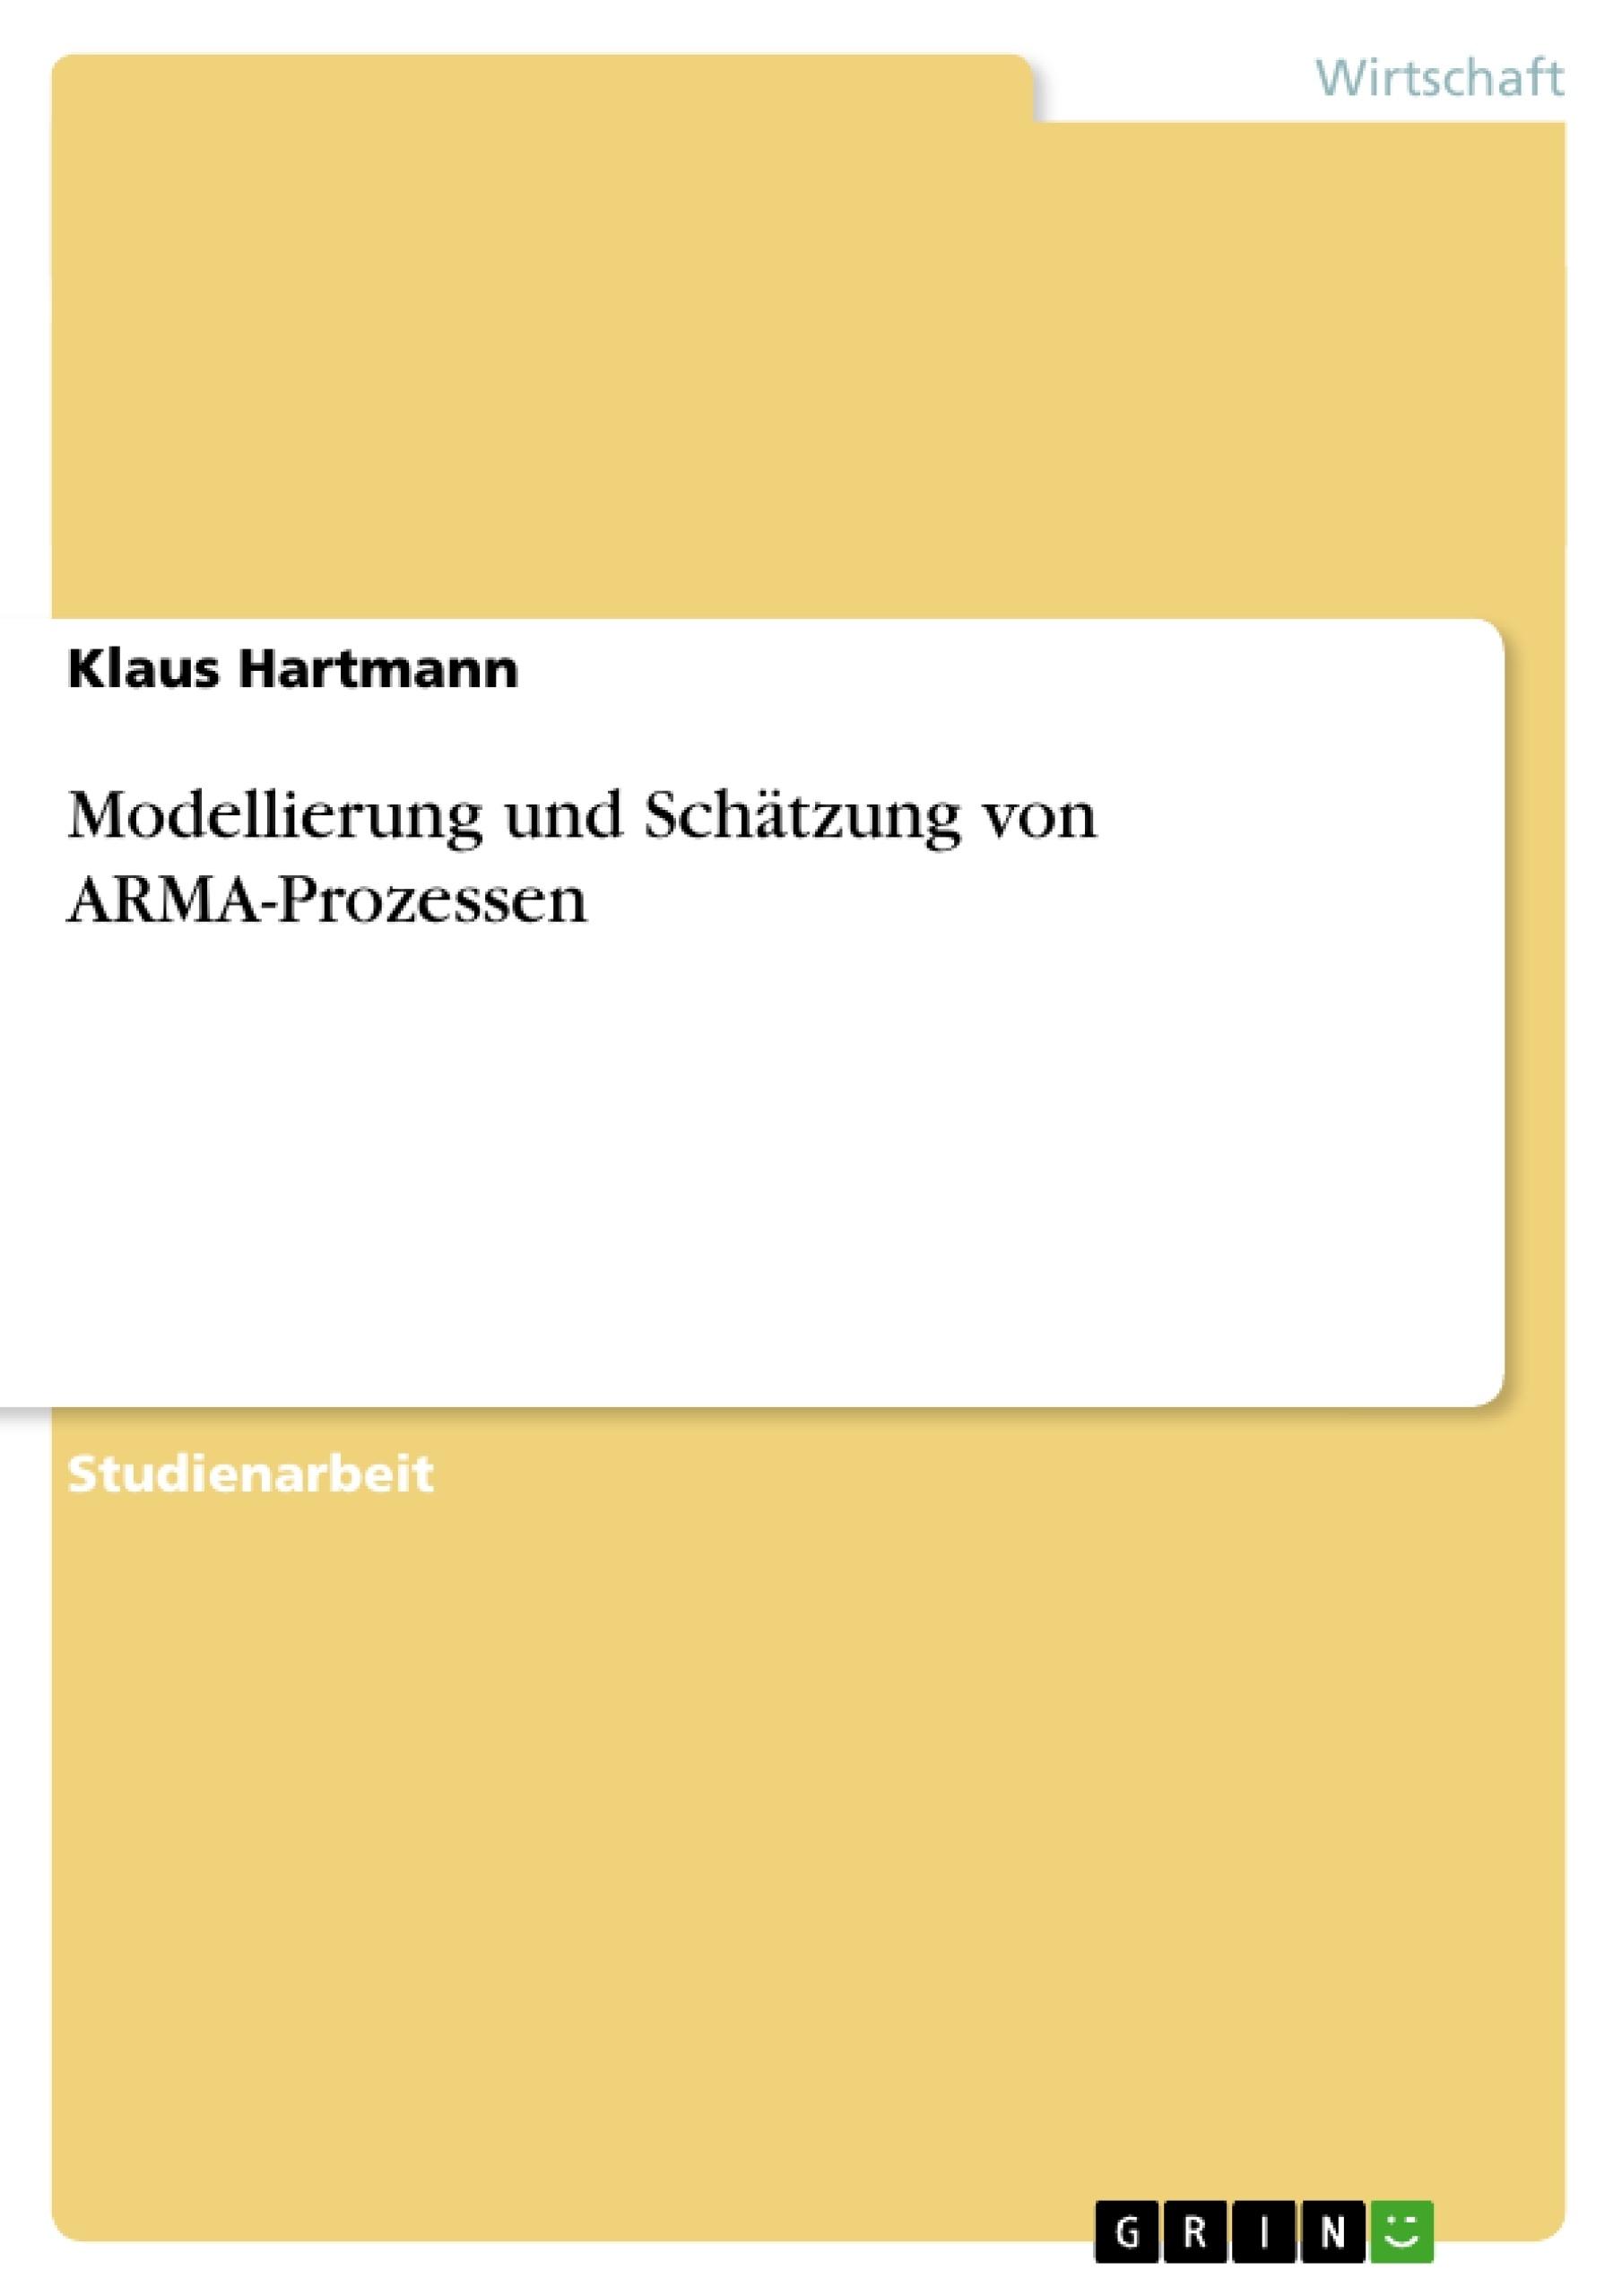 Titel: Modellierung und Schätzung von ARMA-Prozessen